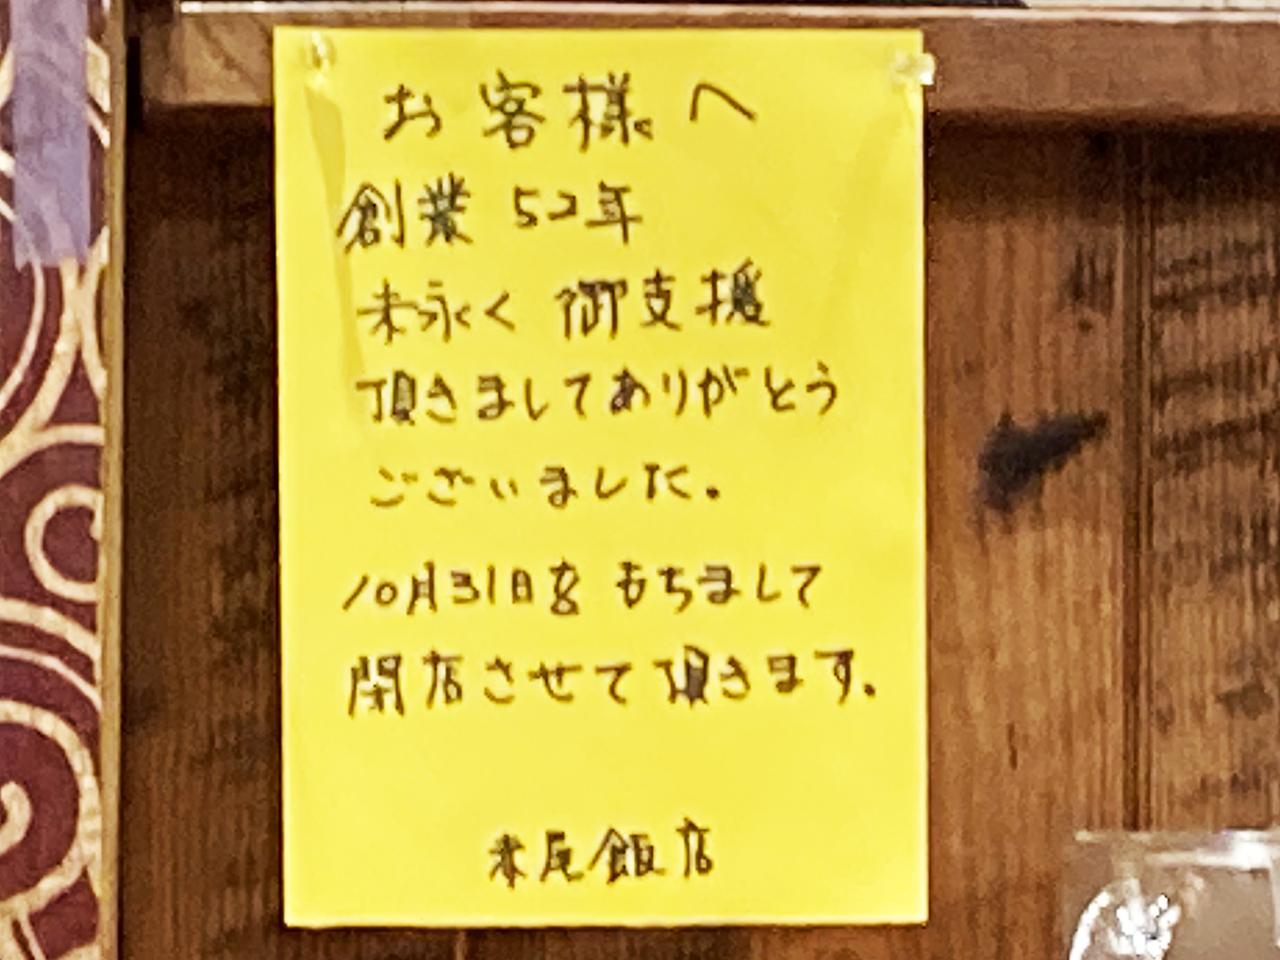 老舗中華『赤尾飯店』が10月末で閉店・聖蹟桜ヶ丘で52年